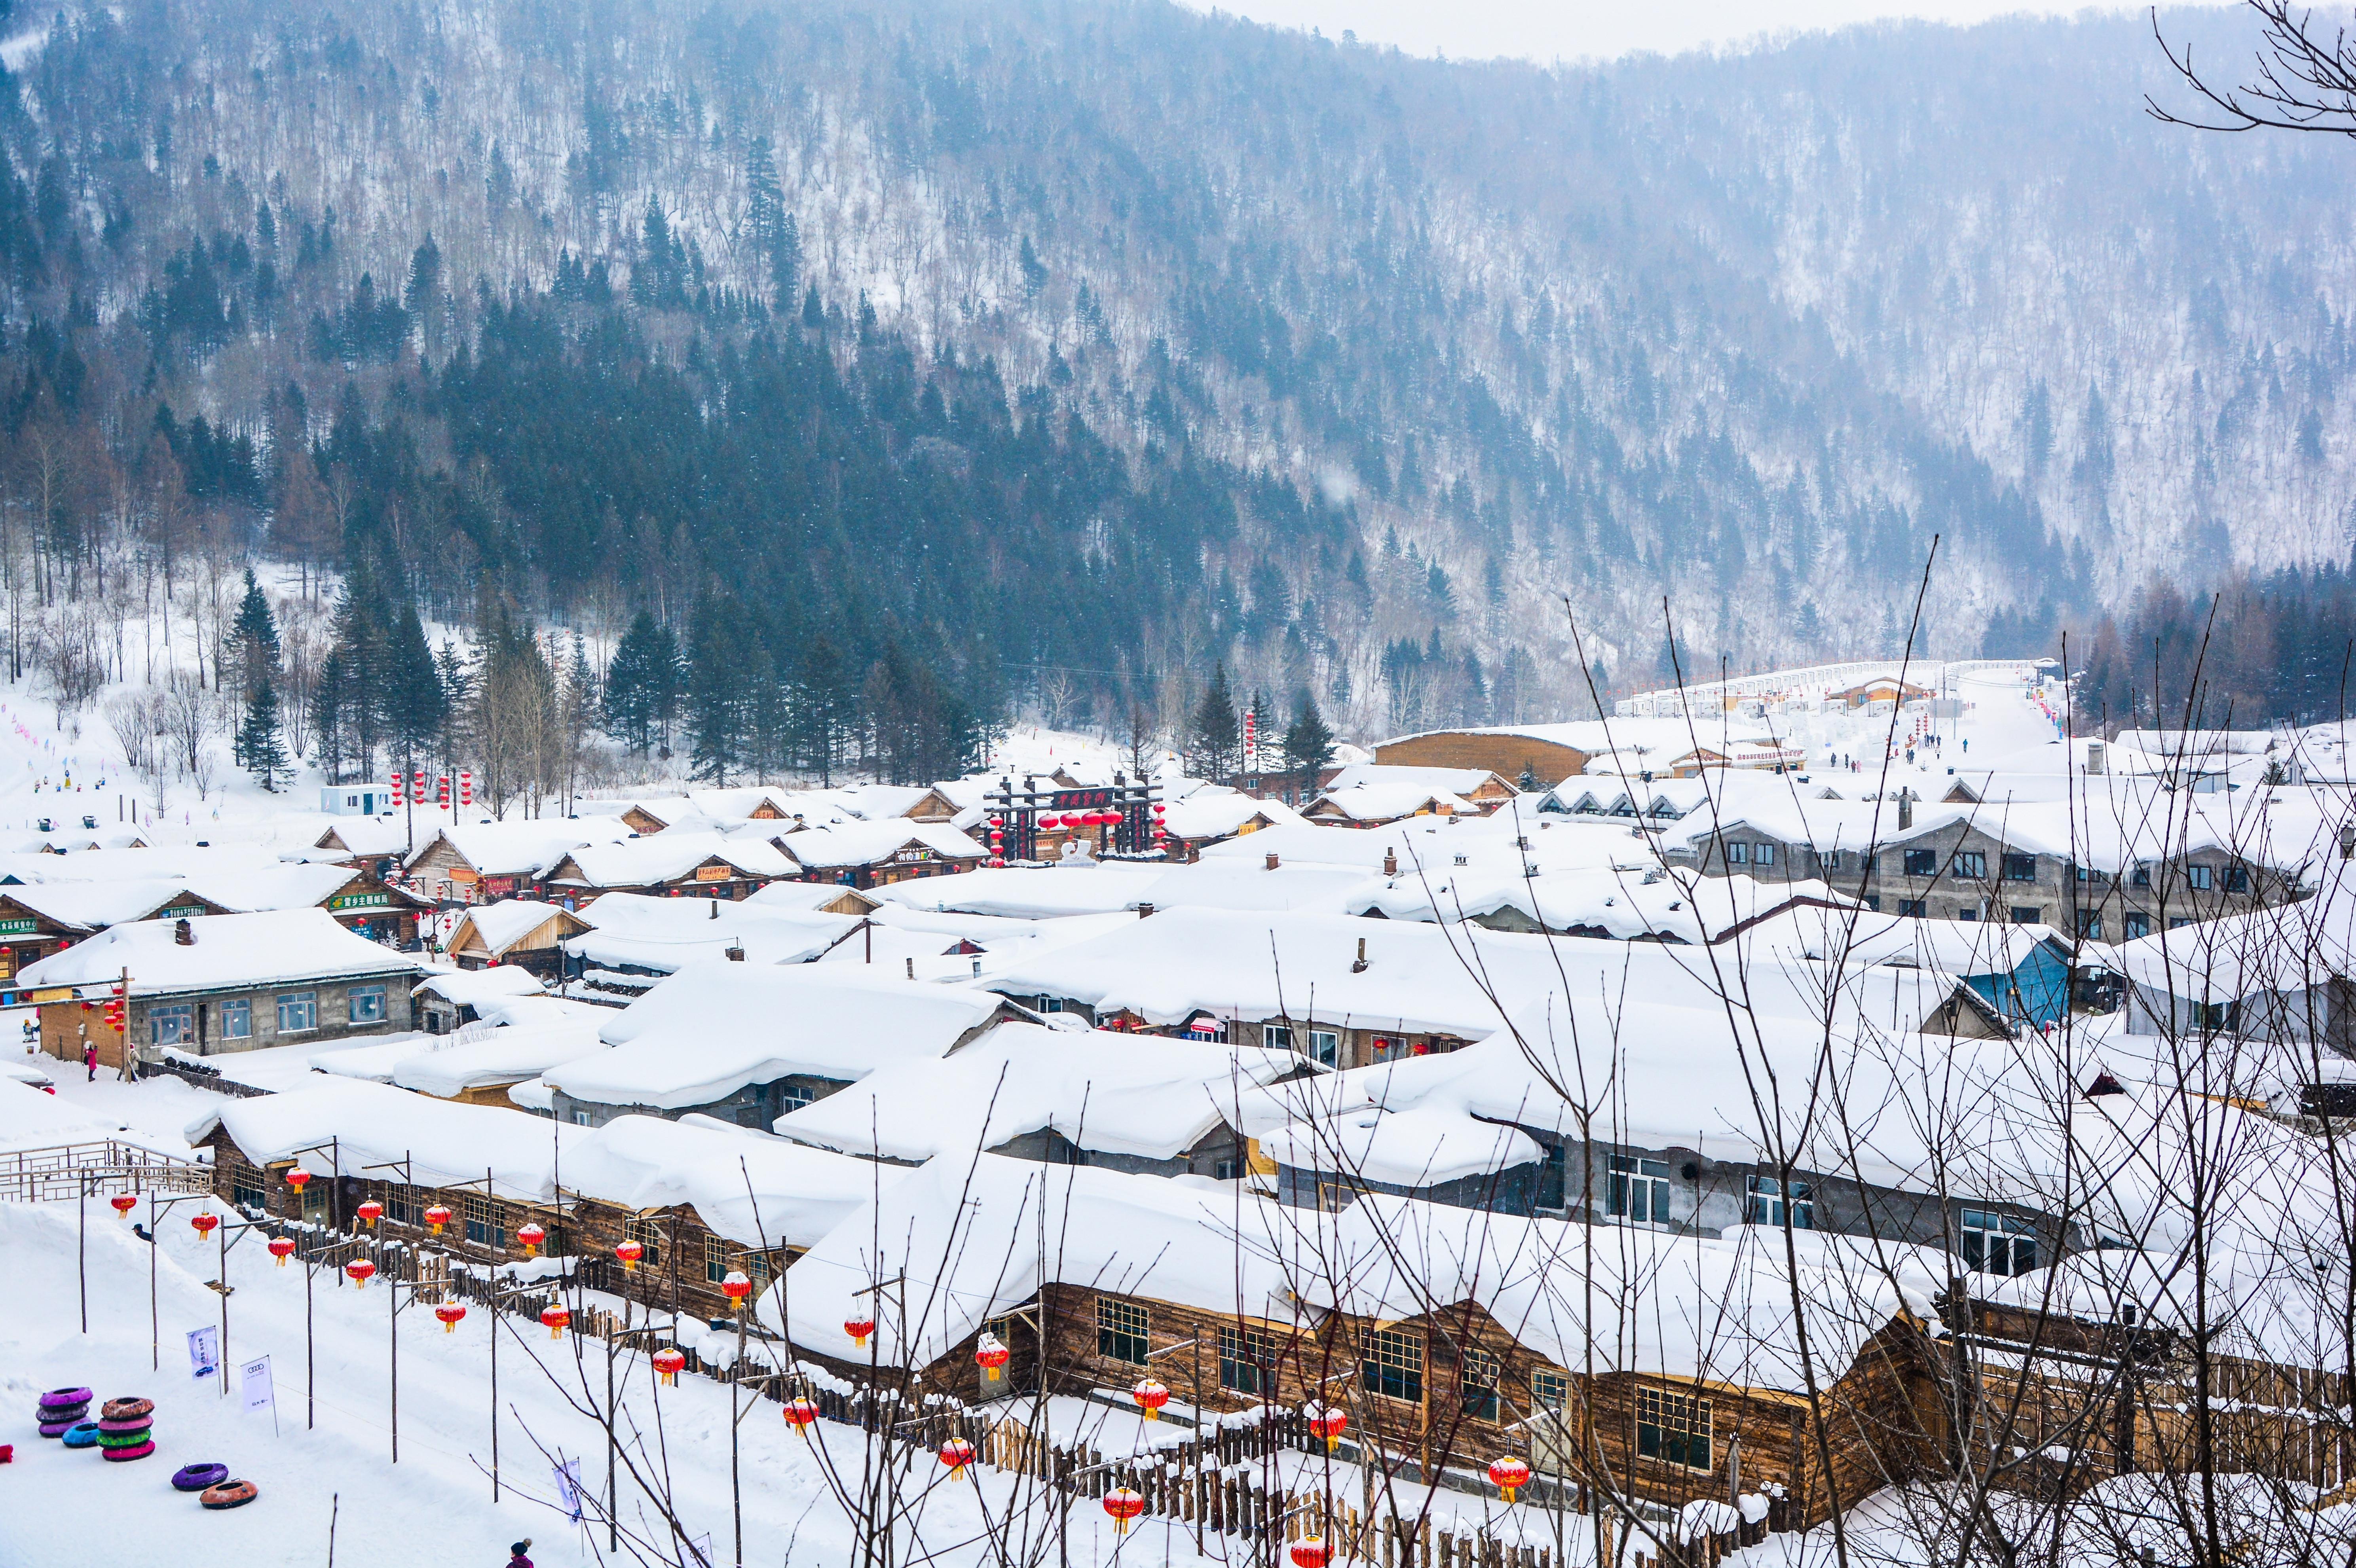 哈尔滨、雪乡半自助落地巴士4日当地游每团30人封顶,1晚雪乡双人暖炕,小火锅,铁锅炖,影视城,棒槌山夜景,雪乡嗨皮